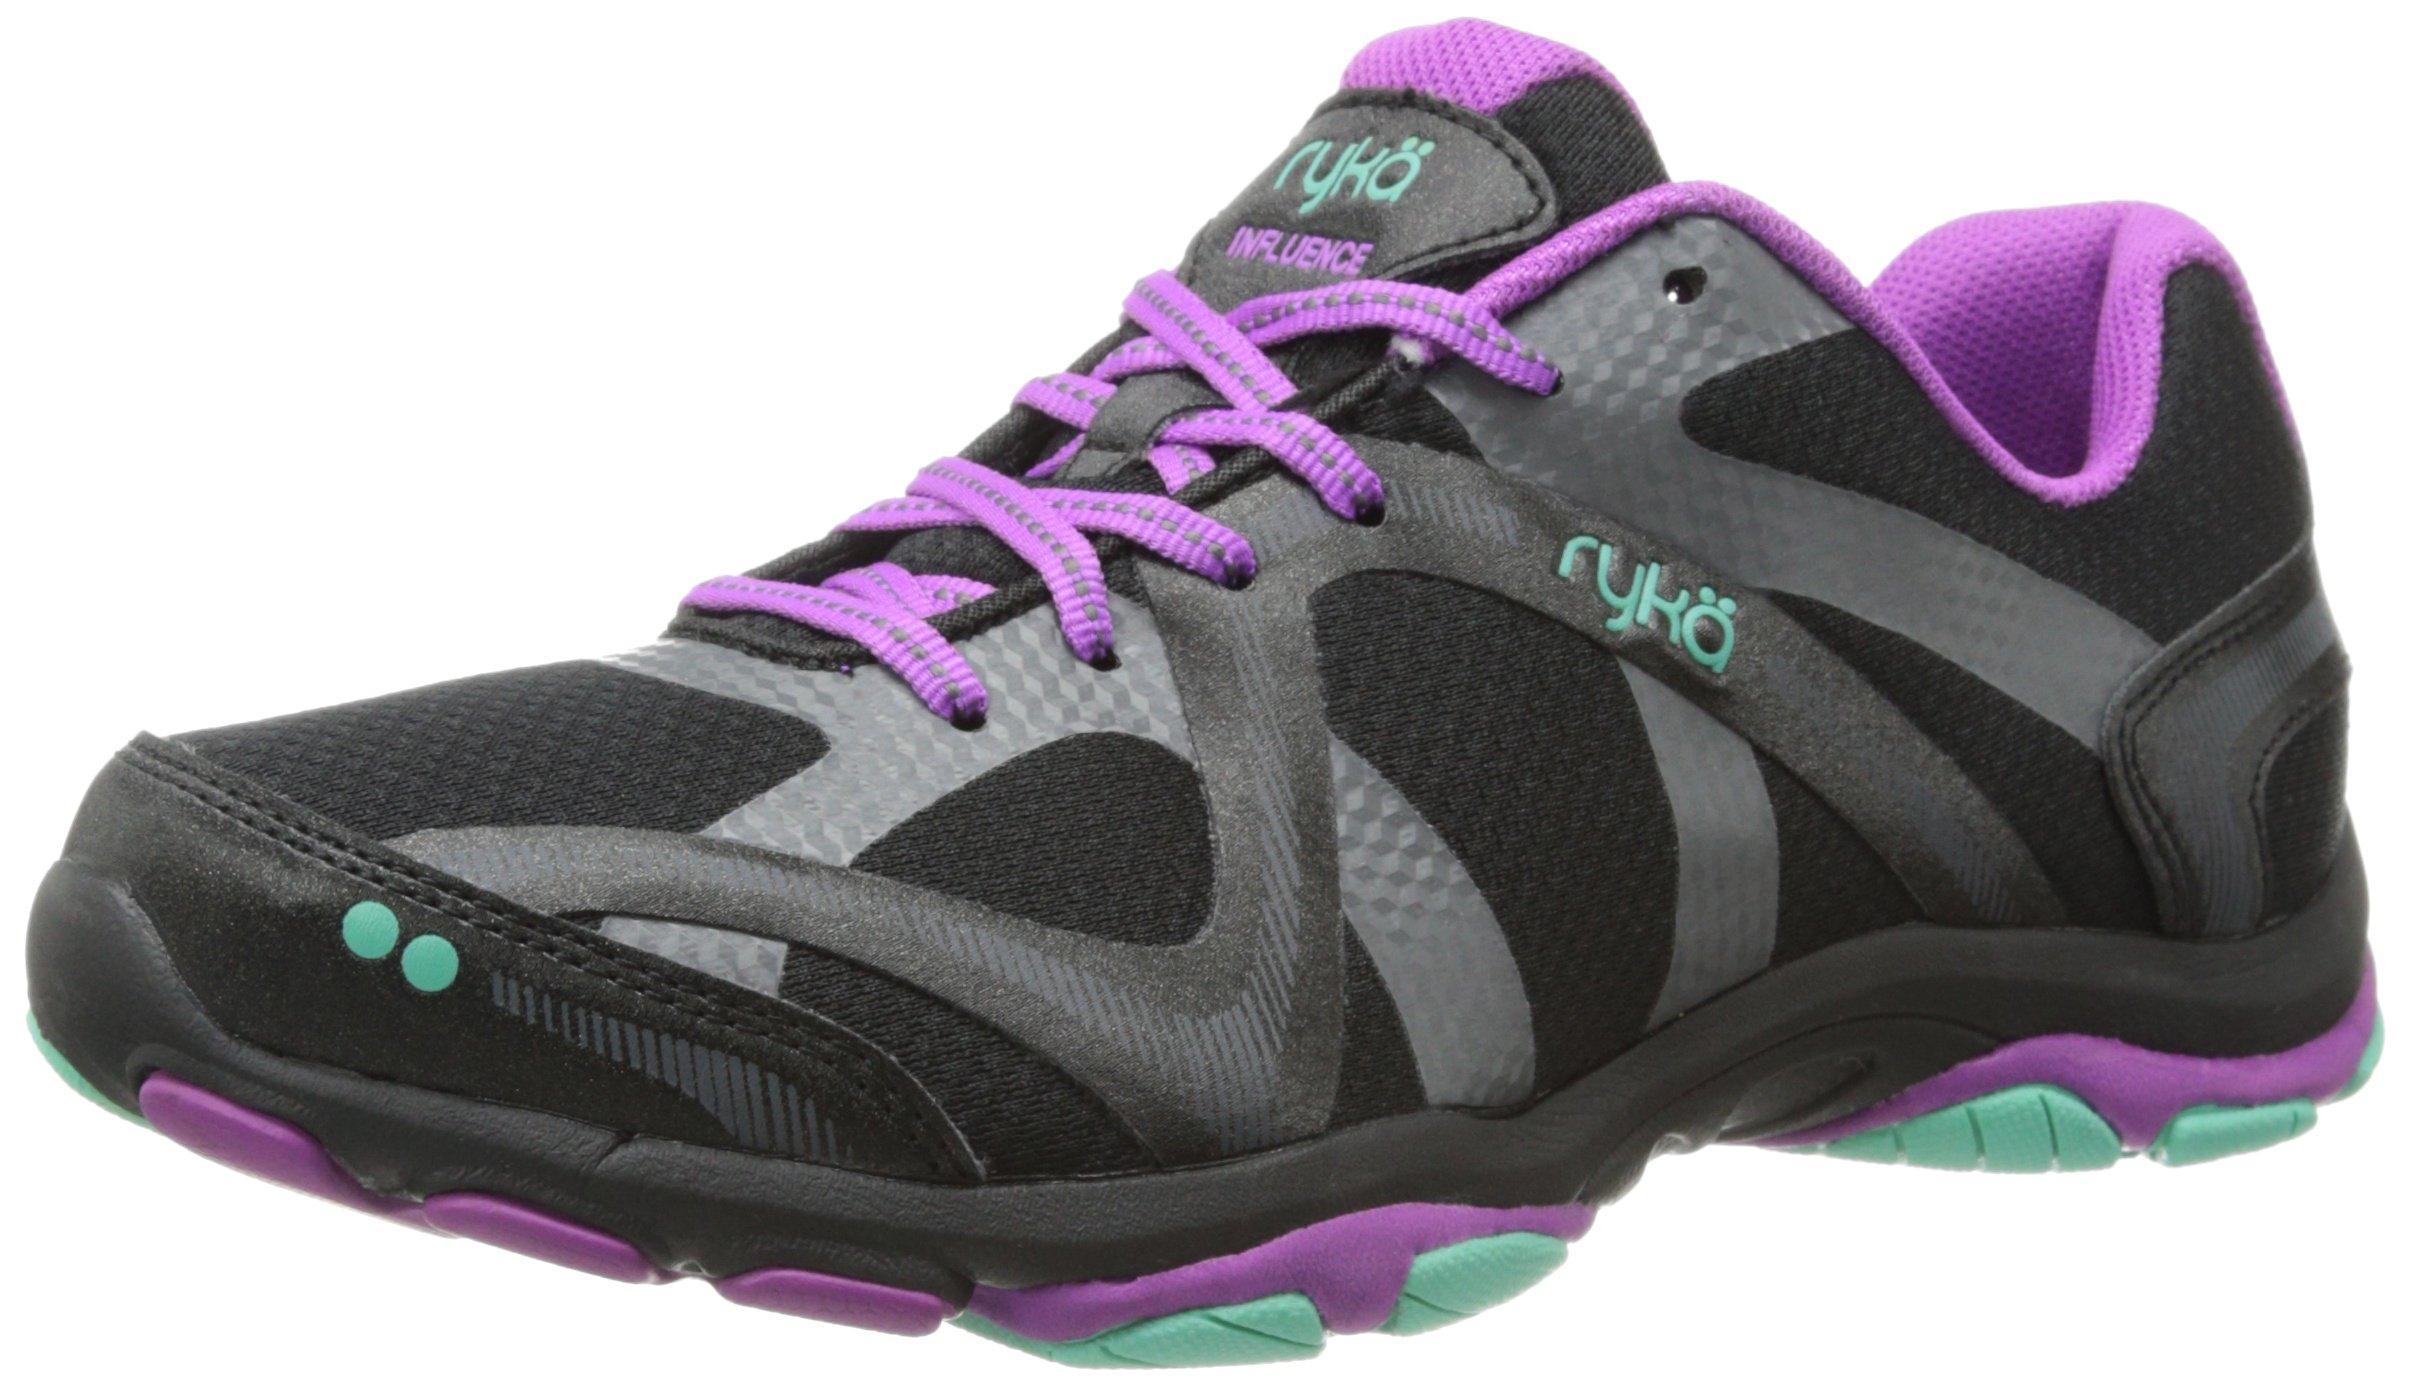 RYKA Women's Influence V 2 Training Shoe,Black/Sugar Plum/Vivid Aqua,8.5 M US